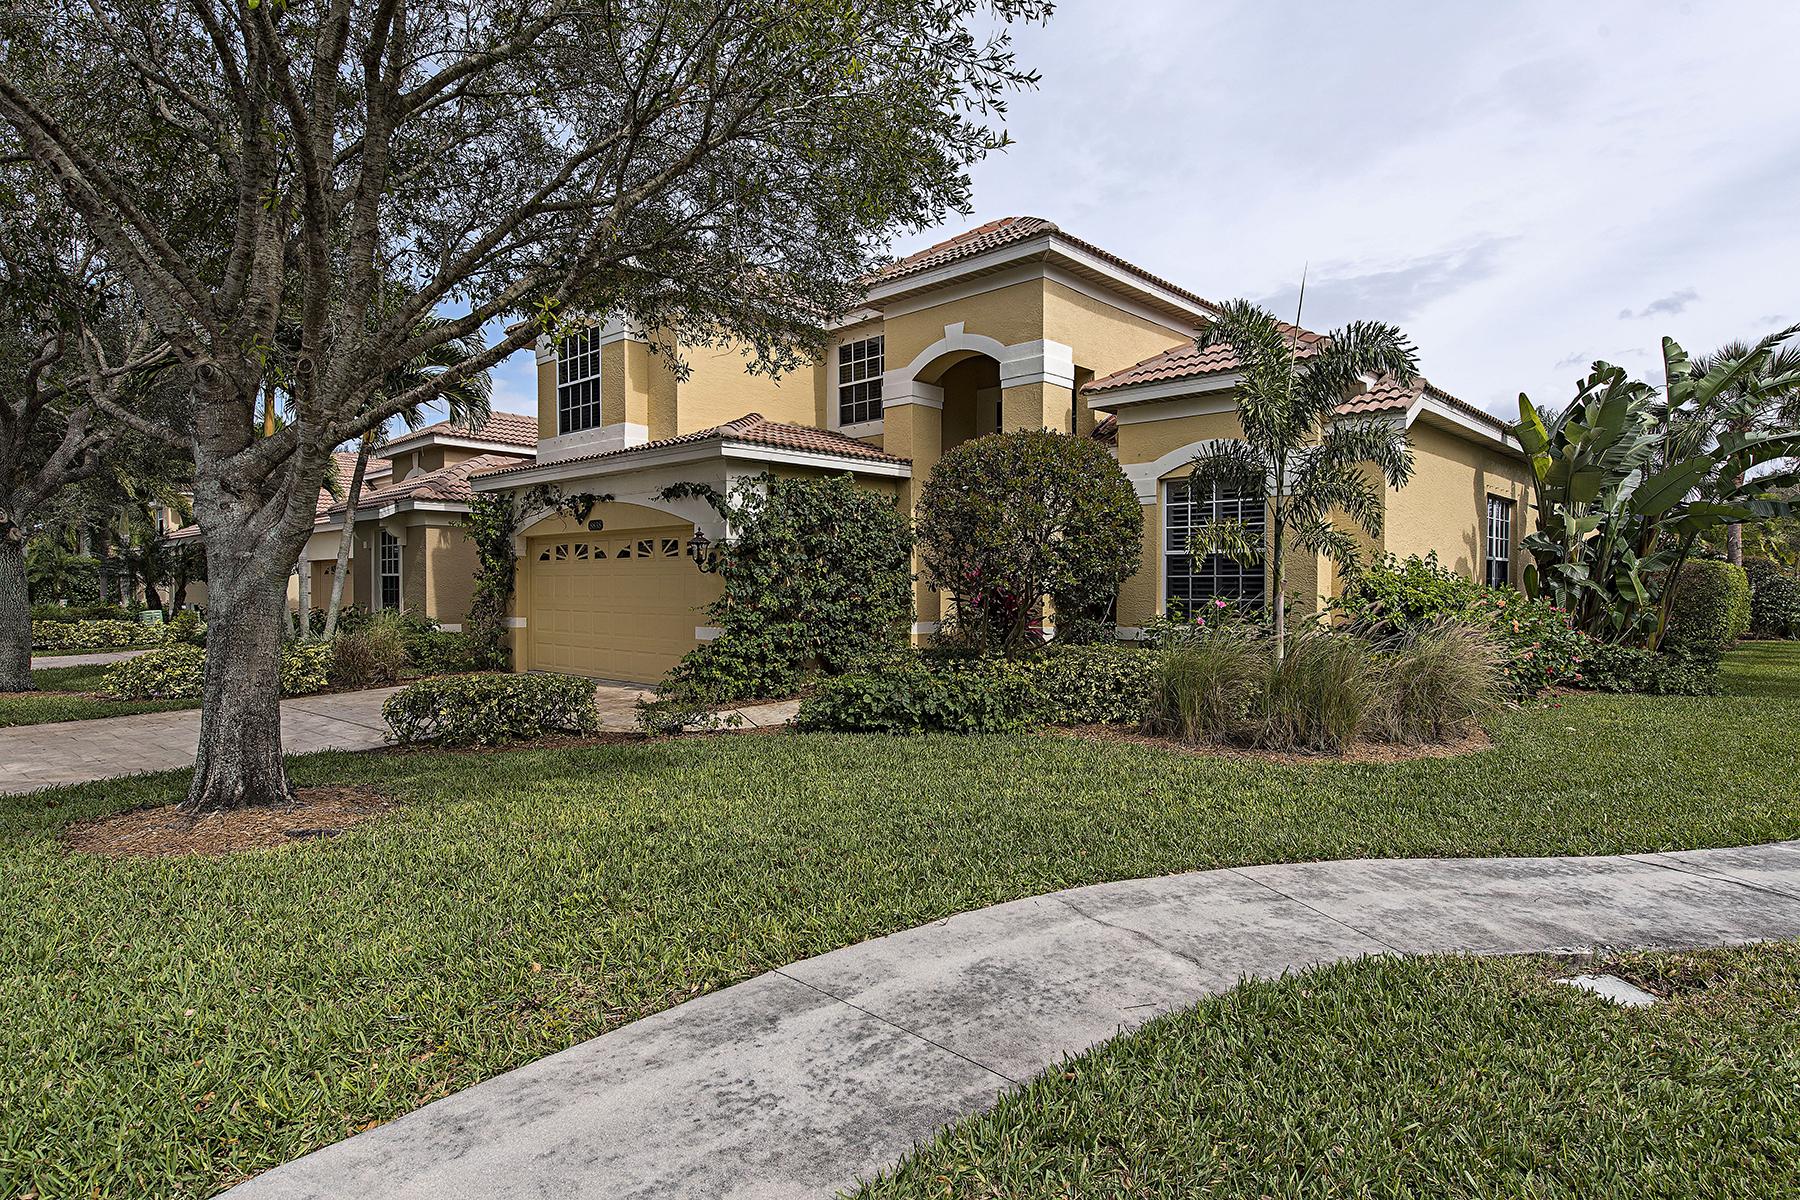 独户住宅 为 销售 在 PELICAN MARSH - VENTURA 8838 Ventura Dr 那不勒斯, 佛罗里达州, 34109 美国